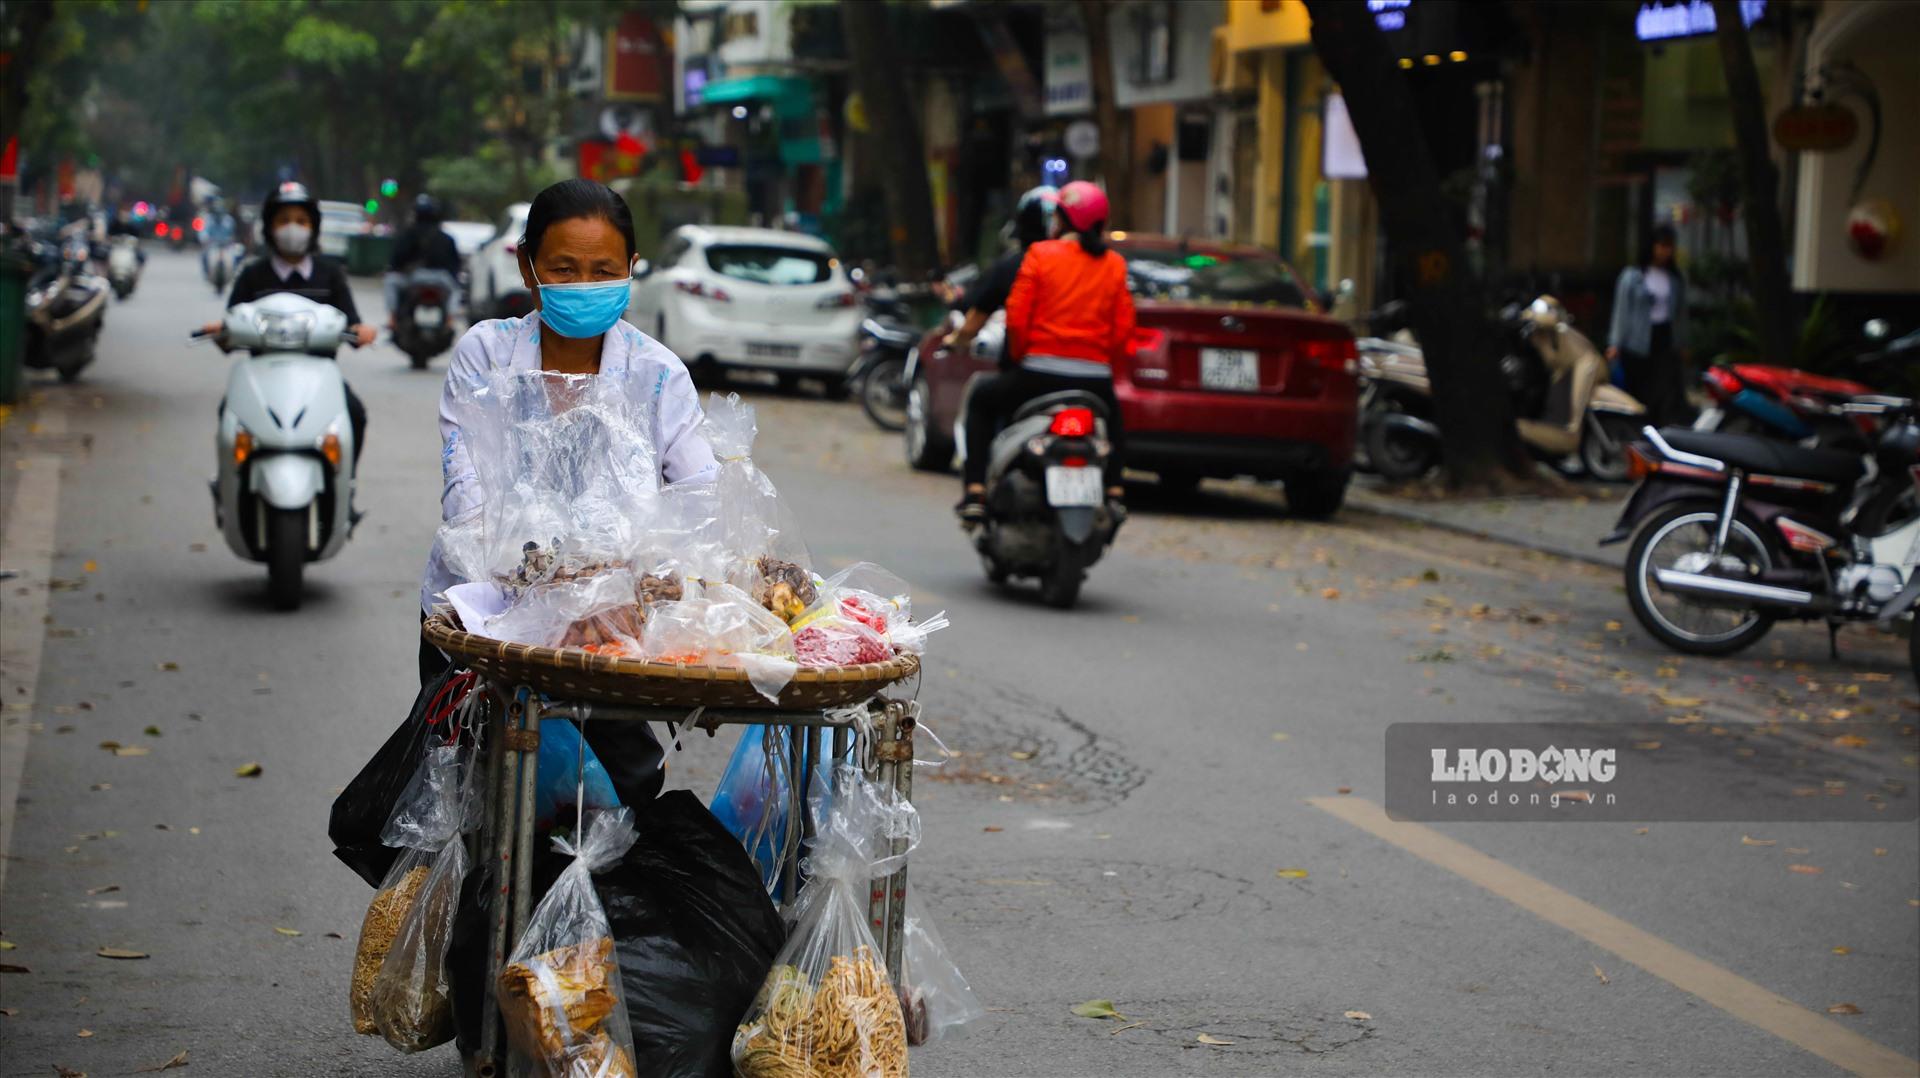 Theo bảng giá các loại đất trên địa bàn thành phố Hà Nội, áp dụng từ ngày 1.1.2020 đến 31.12.2024 thì quận Hoàn Kiếm có giá đất cao nhất là gần 188 triệu đồng/m2; giá đất thấp nhất thuộc quận Hà Đông, hơn 4,5 triệu đồng/m2.